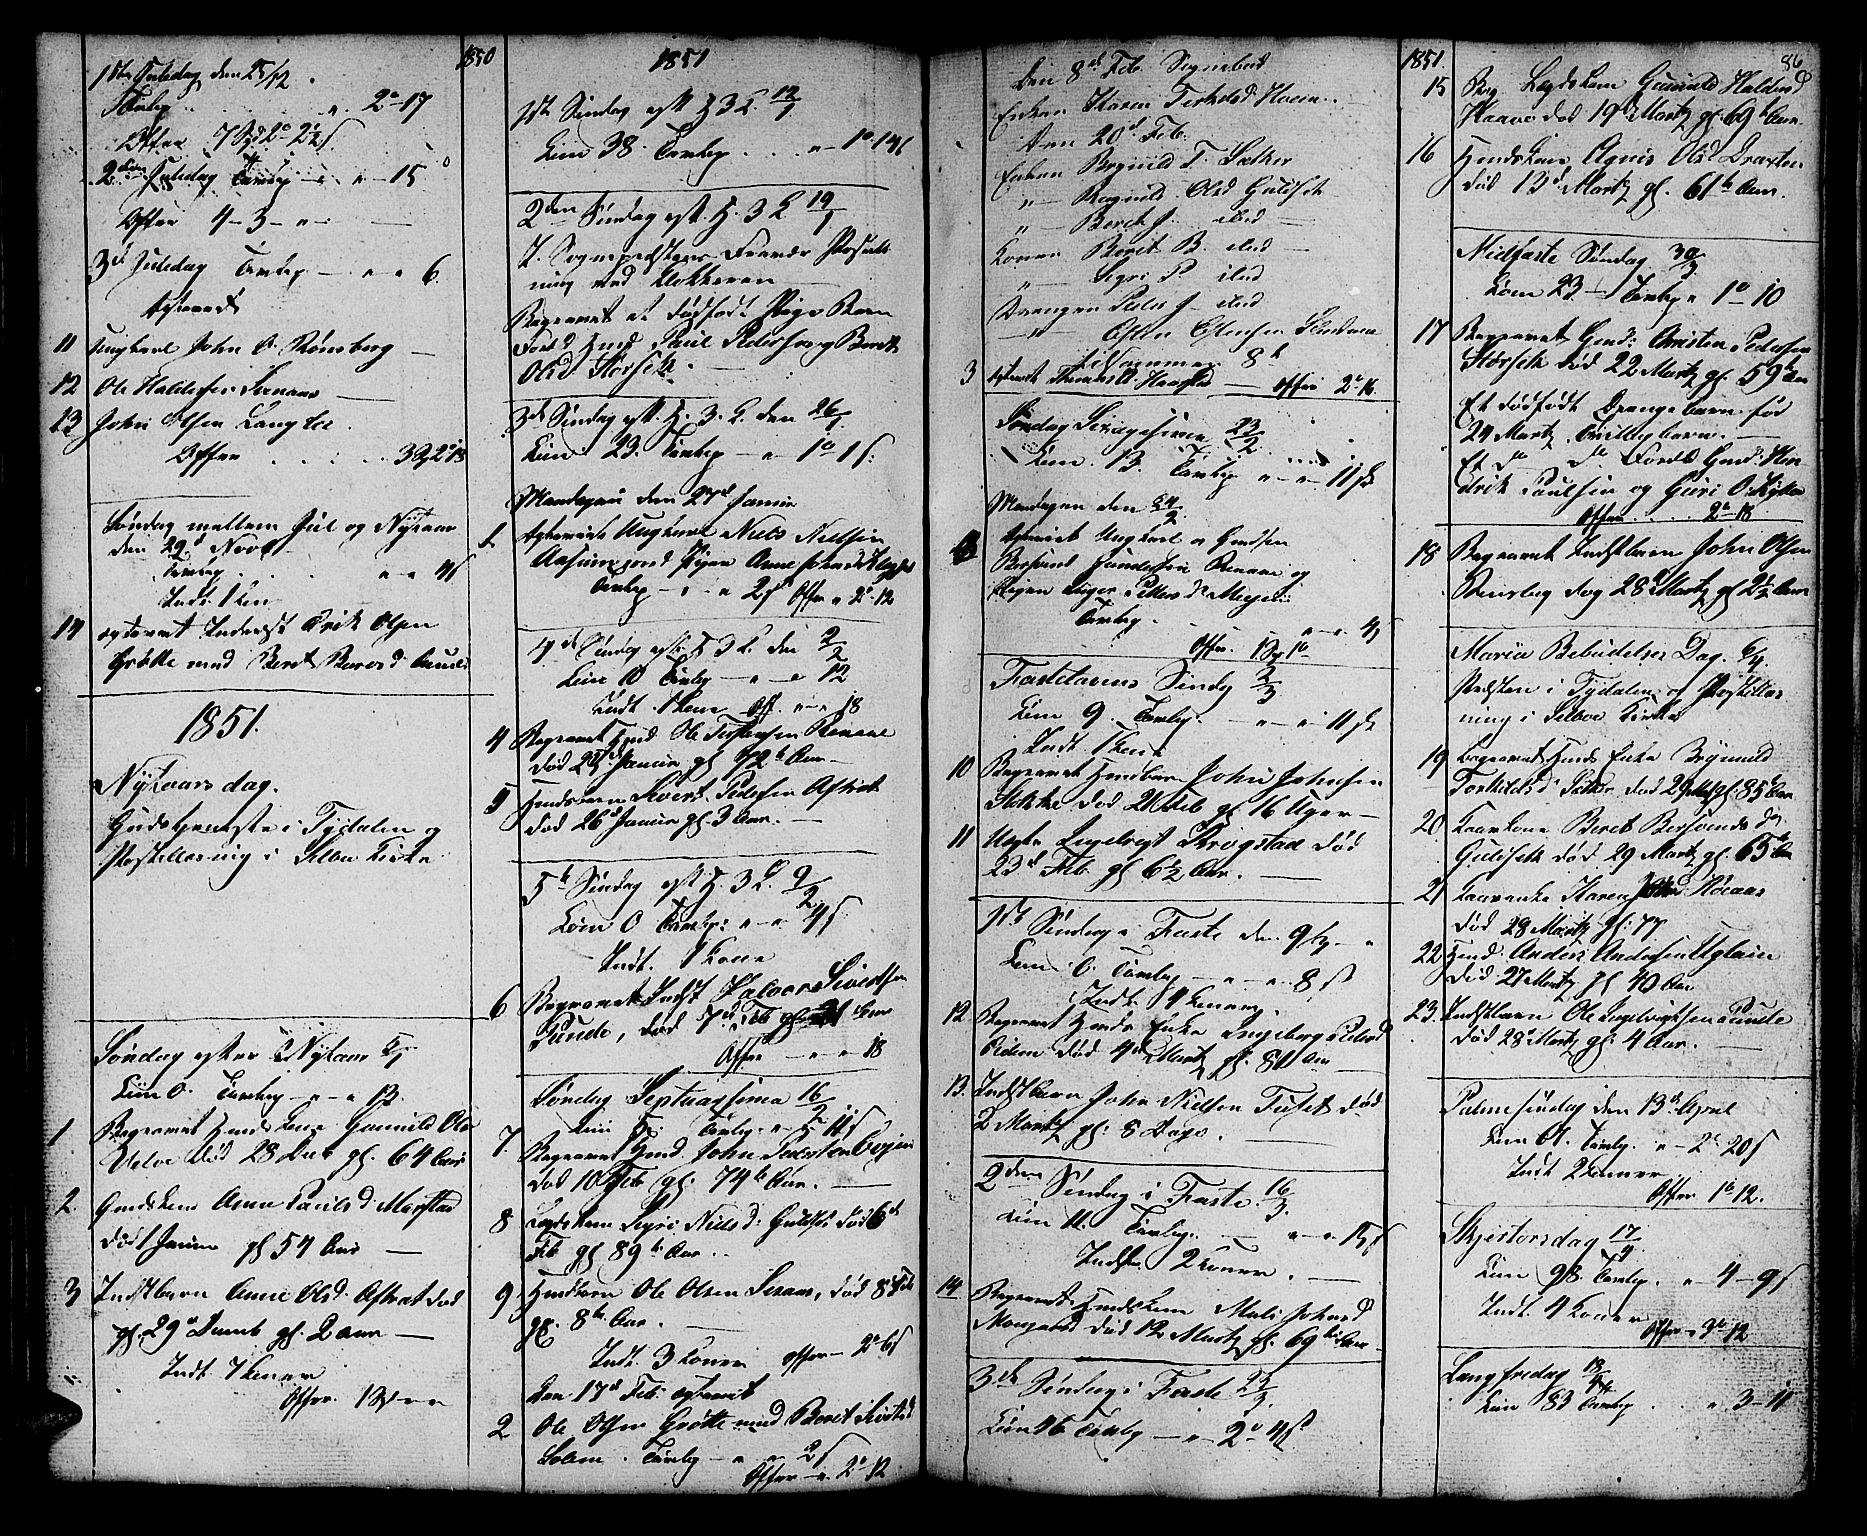 SAT, Ministerialprotokoller, klokkerbøker og fødselsregistre - Sør-Trøndelag, 695/L1154: Klokkerbok nr. 695C05, 1842-1858, s. 86